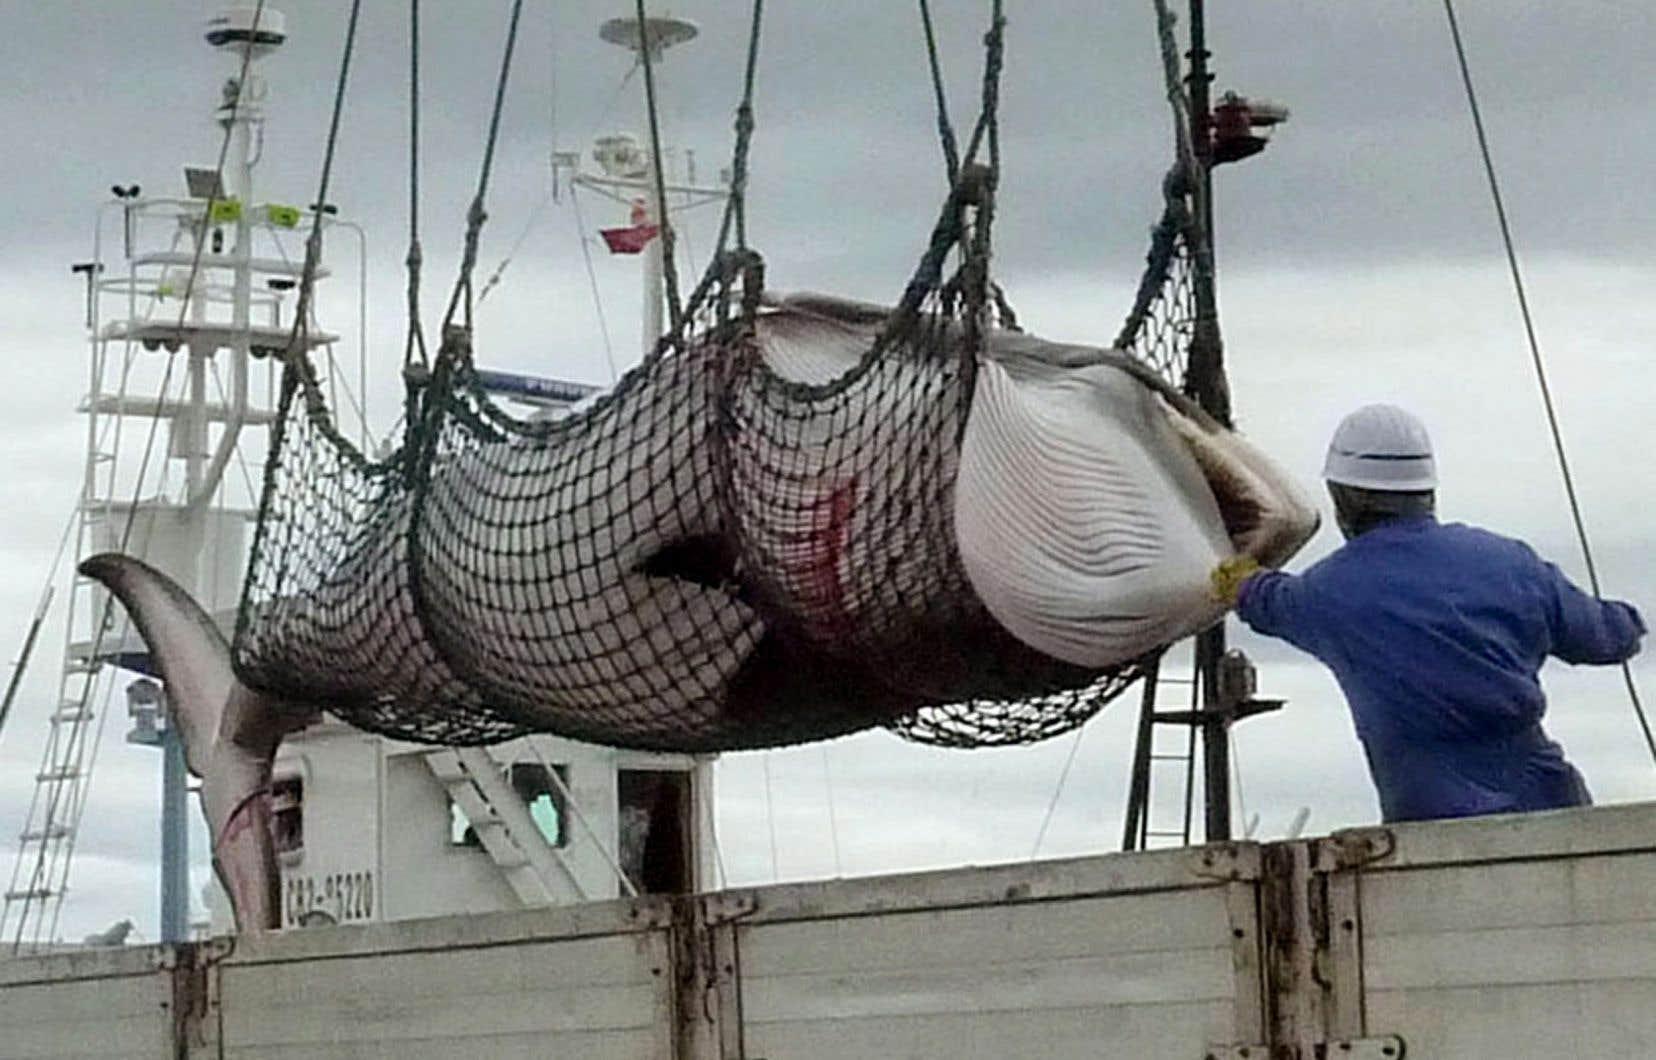 En cas de retrait, il faut s'attendre à coup sûr à de vives critiques de l'étranger et un nouveau front entre les détracteurs et défenseurs de la pêche aux cétacés.